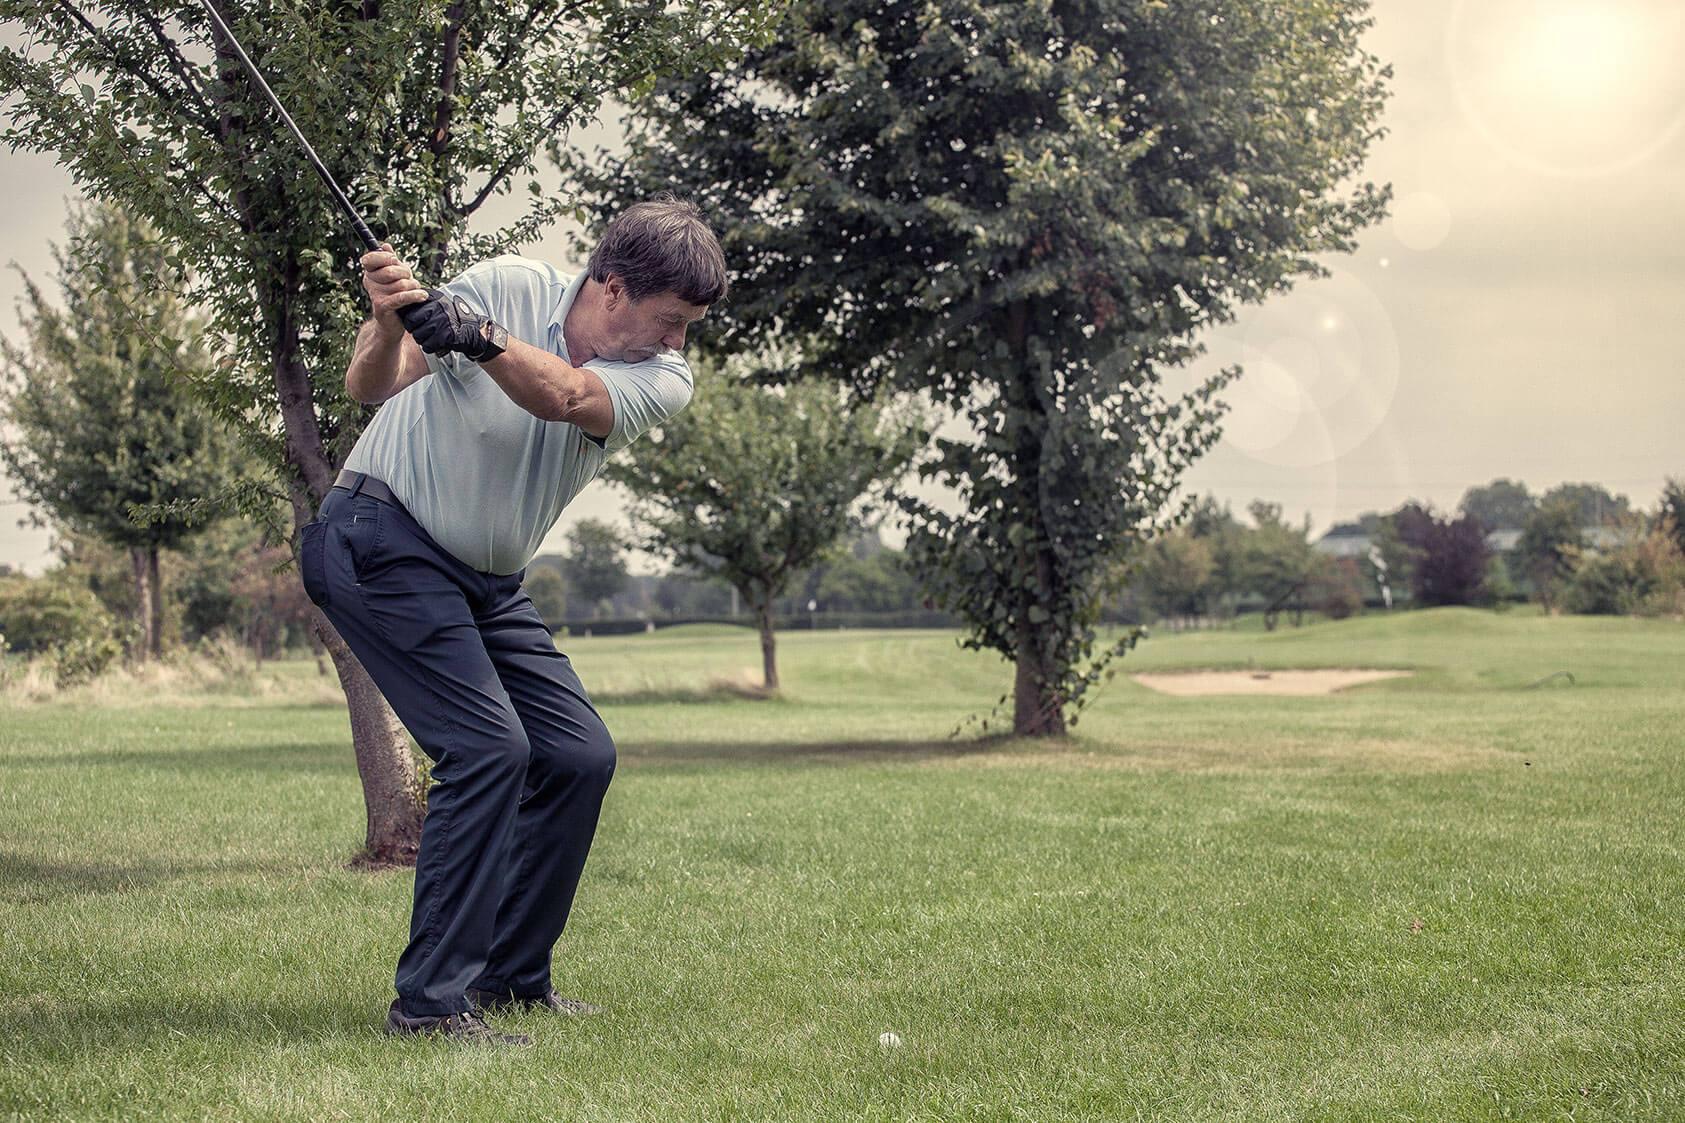 Golfspieler beim Golfschlag